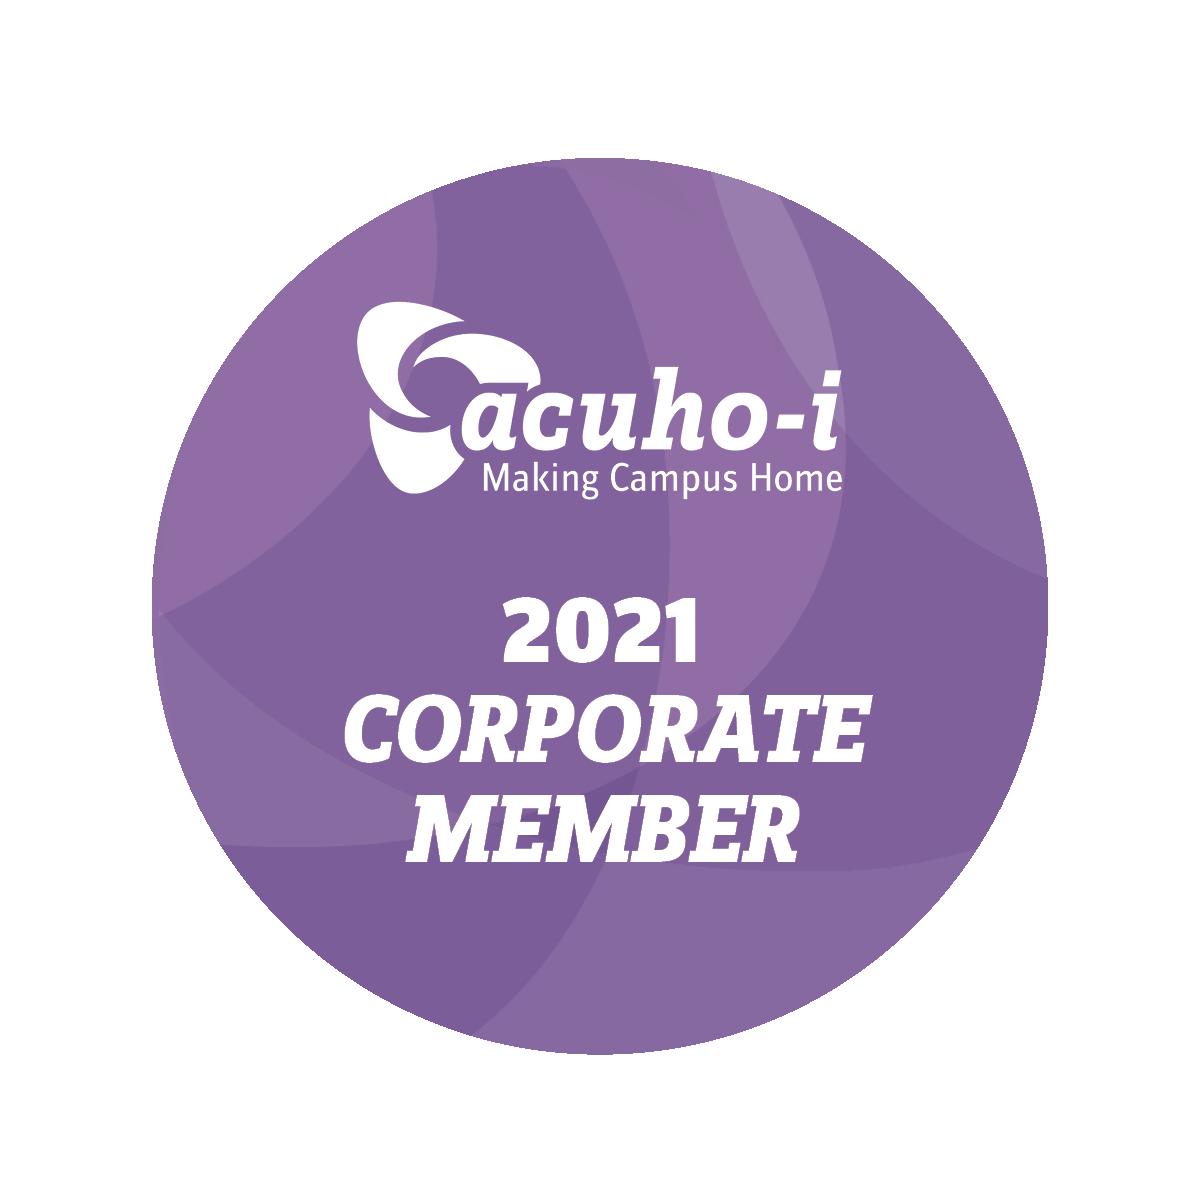 2021 Corporate Member Badge.png